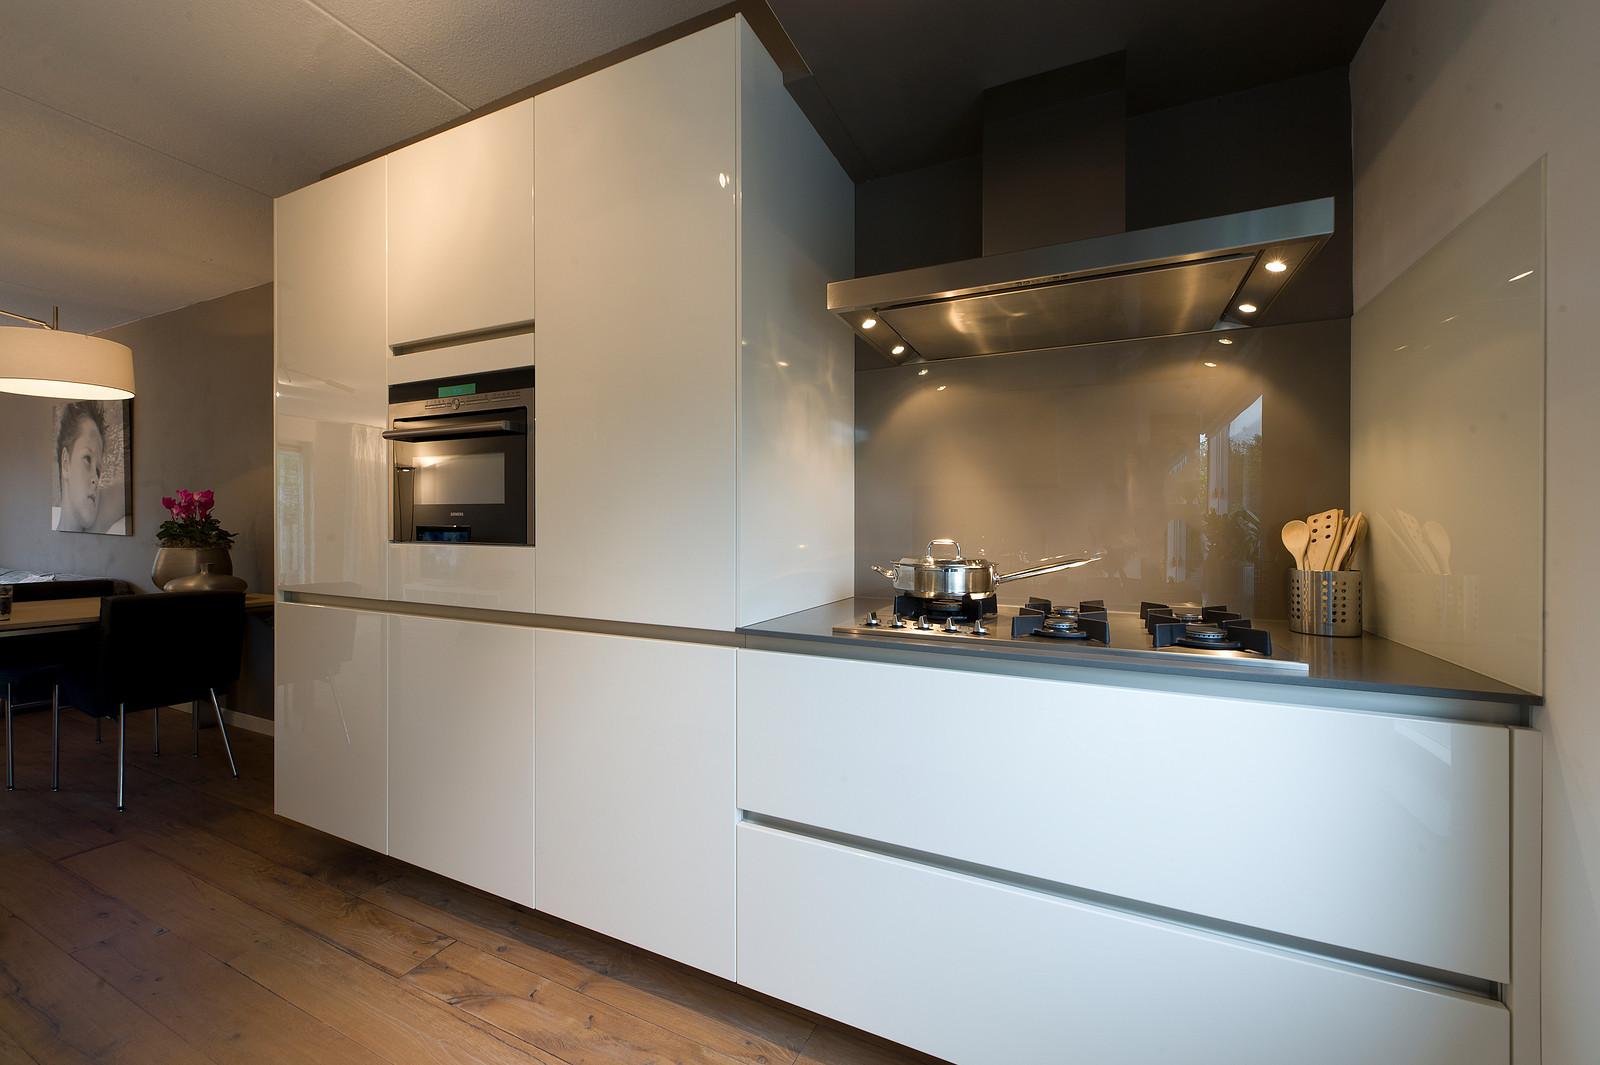 Witte hoogglans keuken schuller via tieleman keukens product in beeld startpagina voor - Land keuken model ...